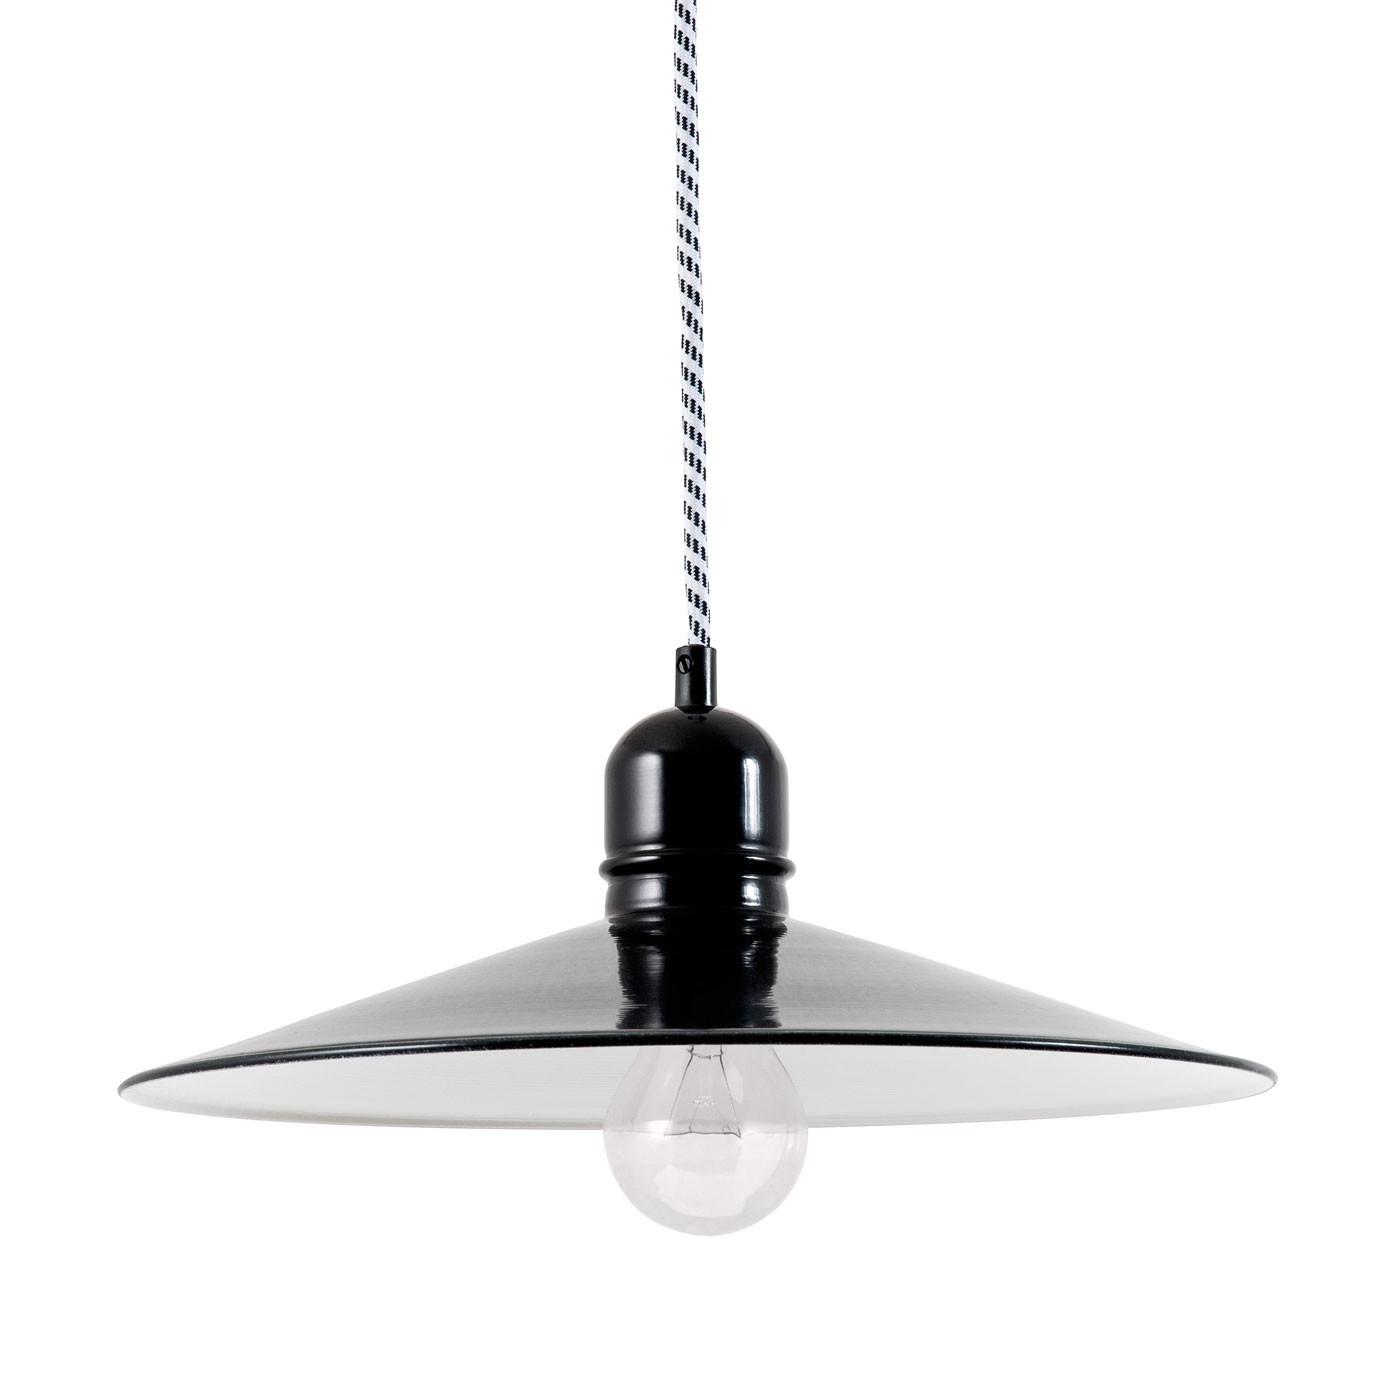 Bolich Bingen Pendelleuchte, 35 cm, Kabel-Aufhängung, Textilkabel schwarz-weiß